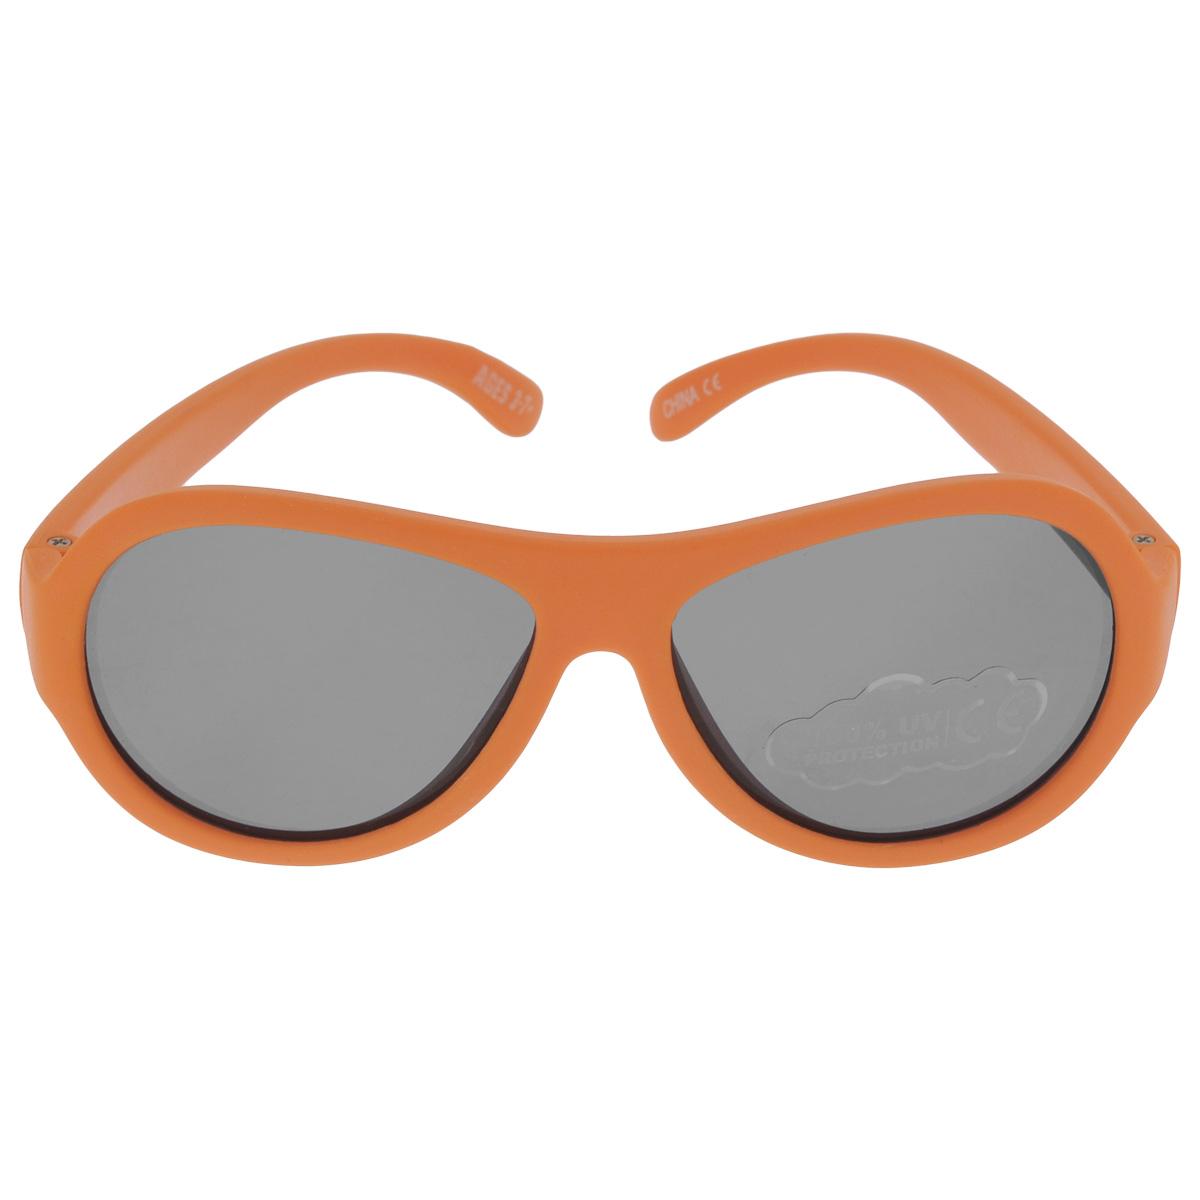 Детские солнцезащитные очки Babiators Ух ты! (OMG!), цвет: оранжевый, 3-7 летBAB-079Вы делаете все возможное, чтобы ваши дети были здоровы и в безопасности. Шлемы для езды на велосипеде, солнцезащитный крем для прогулок на солнце... Но как насчёт влияния солнца на глаза вашего ребёнка? Правда в том, что сетчатка глаза у детей развивается вместе с самим ребёнком. Это означает, что глаза малышей не могут отфильтровать УФ-излучение. Проблема понятна - детям нужна настоящая защита, чтобы глазки были в безопасности, а зрение сильным. Каждая пара солнцезащитных очков Babiators для детей обеспечивает 100% защиту от UVA и UVB. Прочные линзы высшего качества не подведут в самых сложных переделках. В отличие от обычных пластиковых очков, оправа Babiators выполнена из гибкого прорезиненного материала, что делает их ударопрочными, их можно сгибать и крутить - они не сломаются и вернутся в прежнюю форму. Не бойтесь, что ребёнок сядет на них - они всё выдержат. Будьте уверены, что очки Babiators созданы безопасными, прочными и классными, так что вы и ваш ребенок можете...